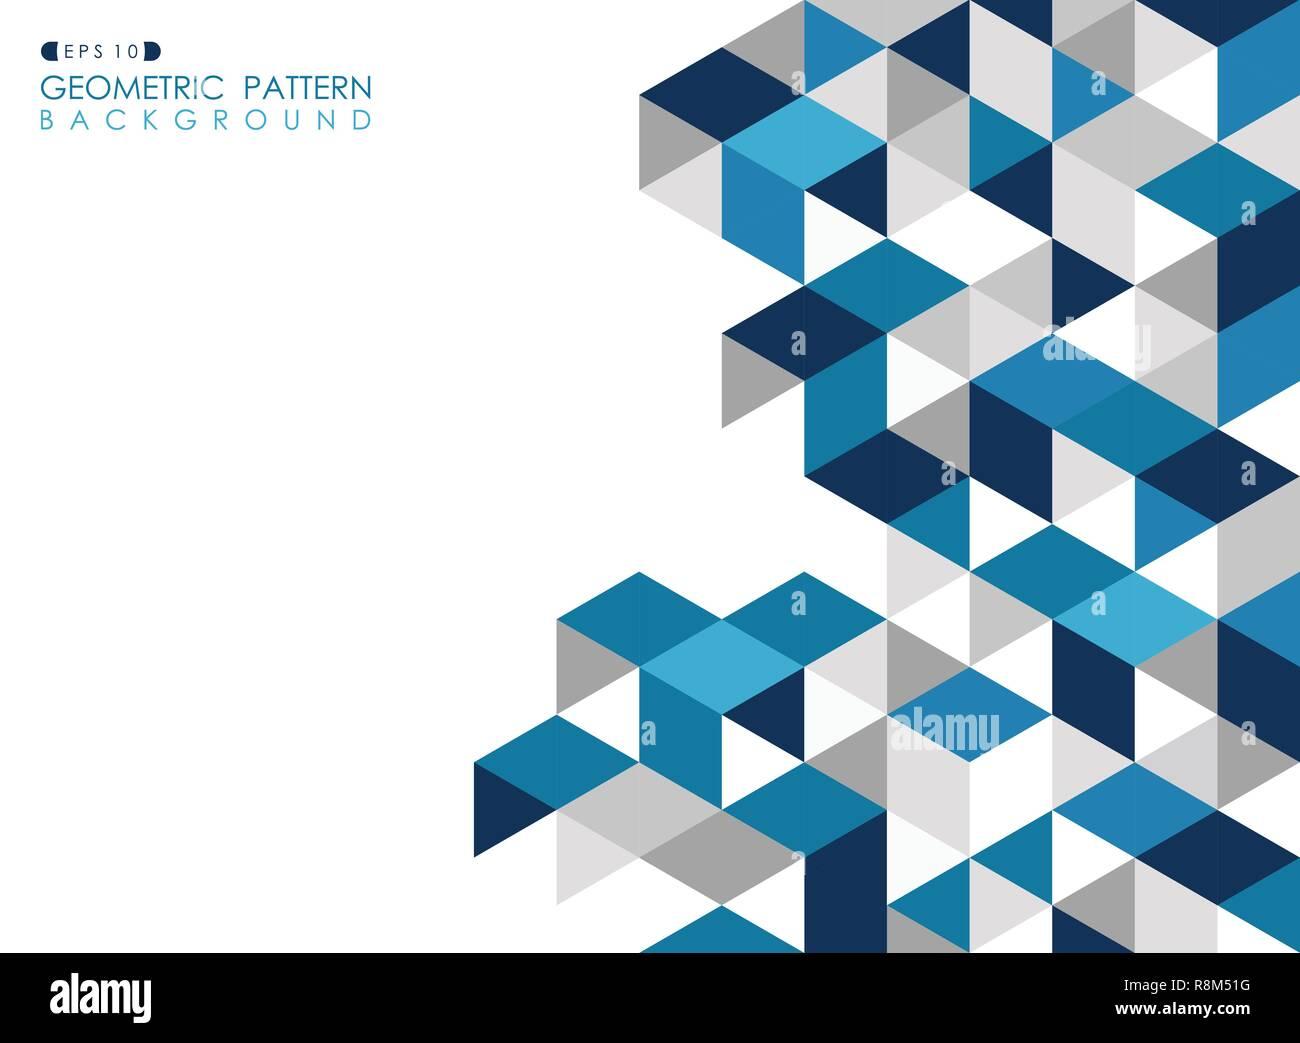 Resume Fond Bleu Fonce Avec Des Triangles Geometriques Polygonales